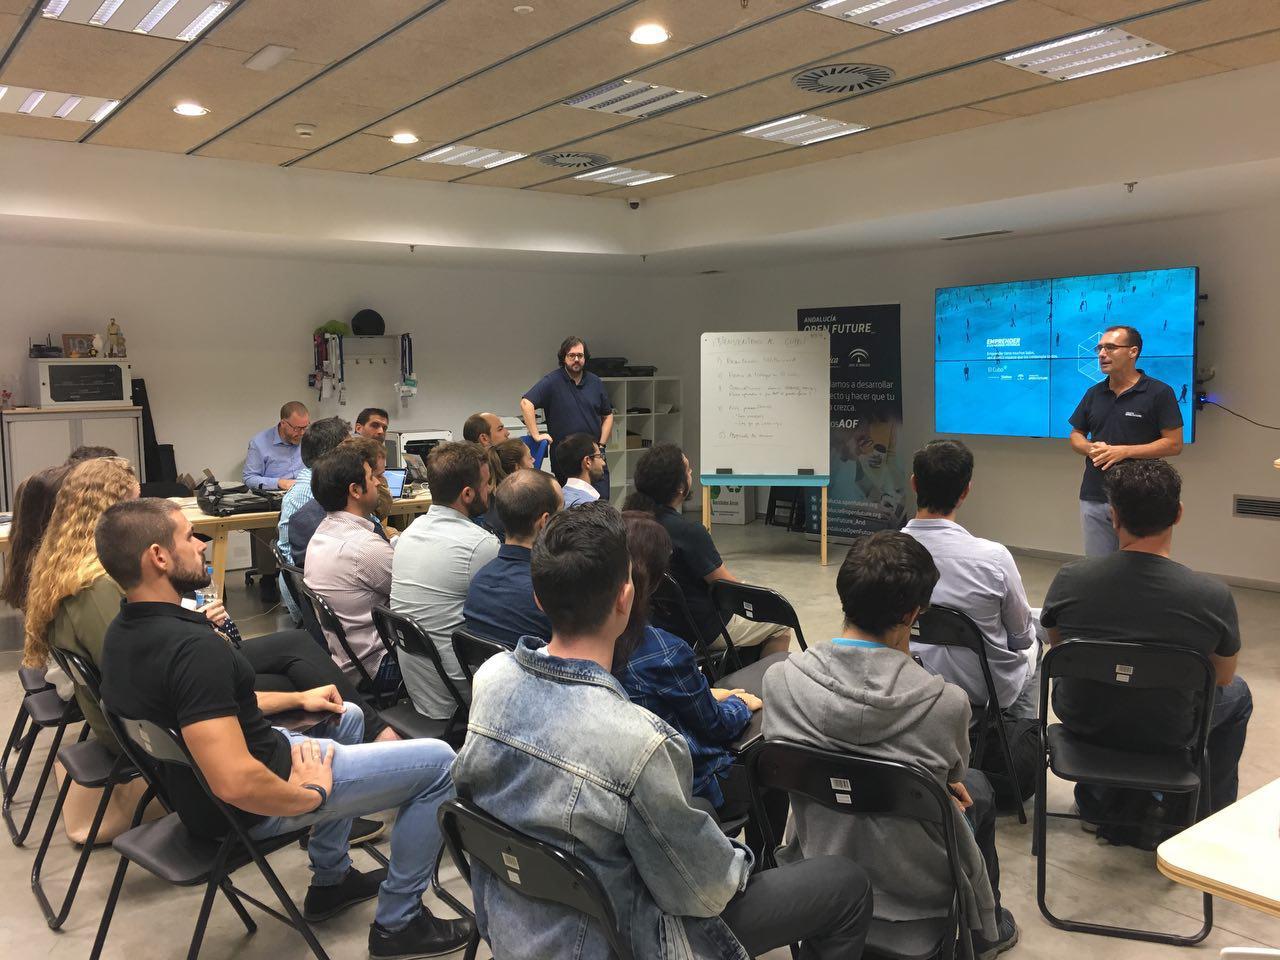 Presentación de las startups en El Cubo